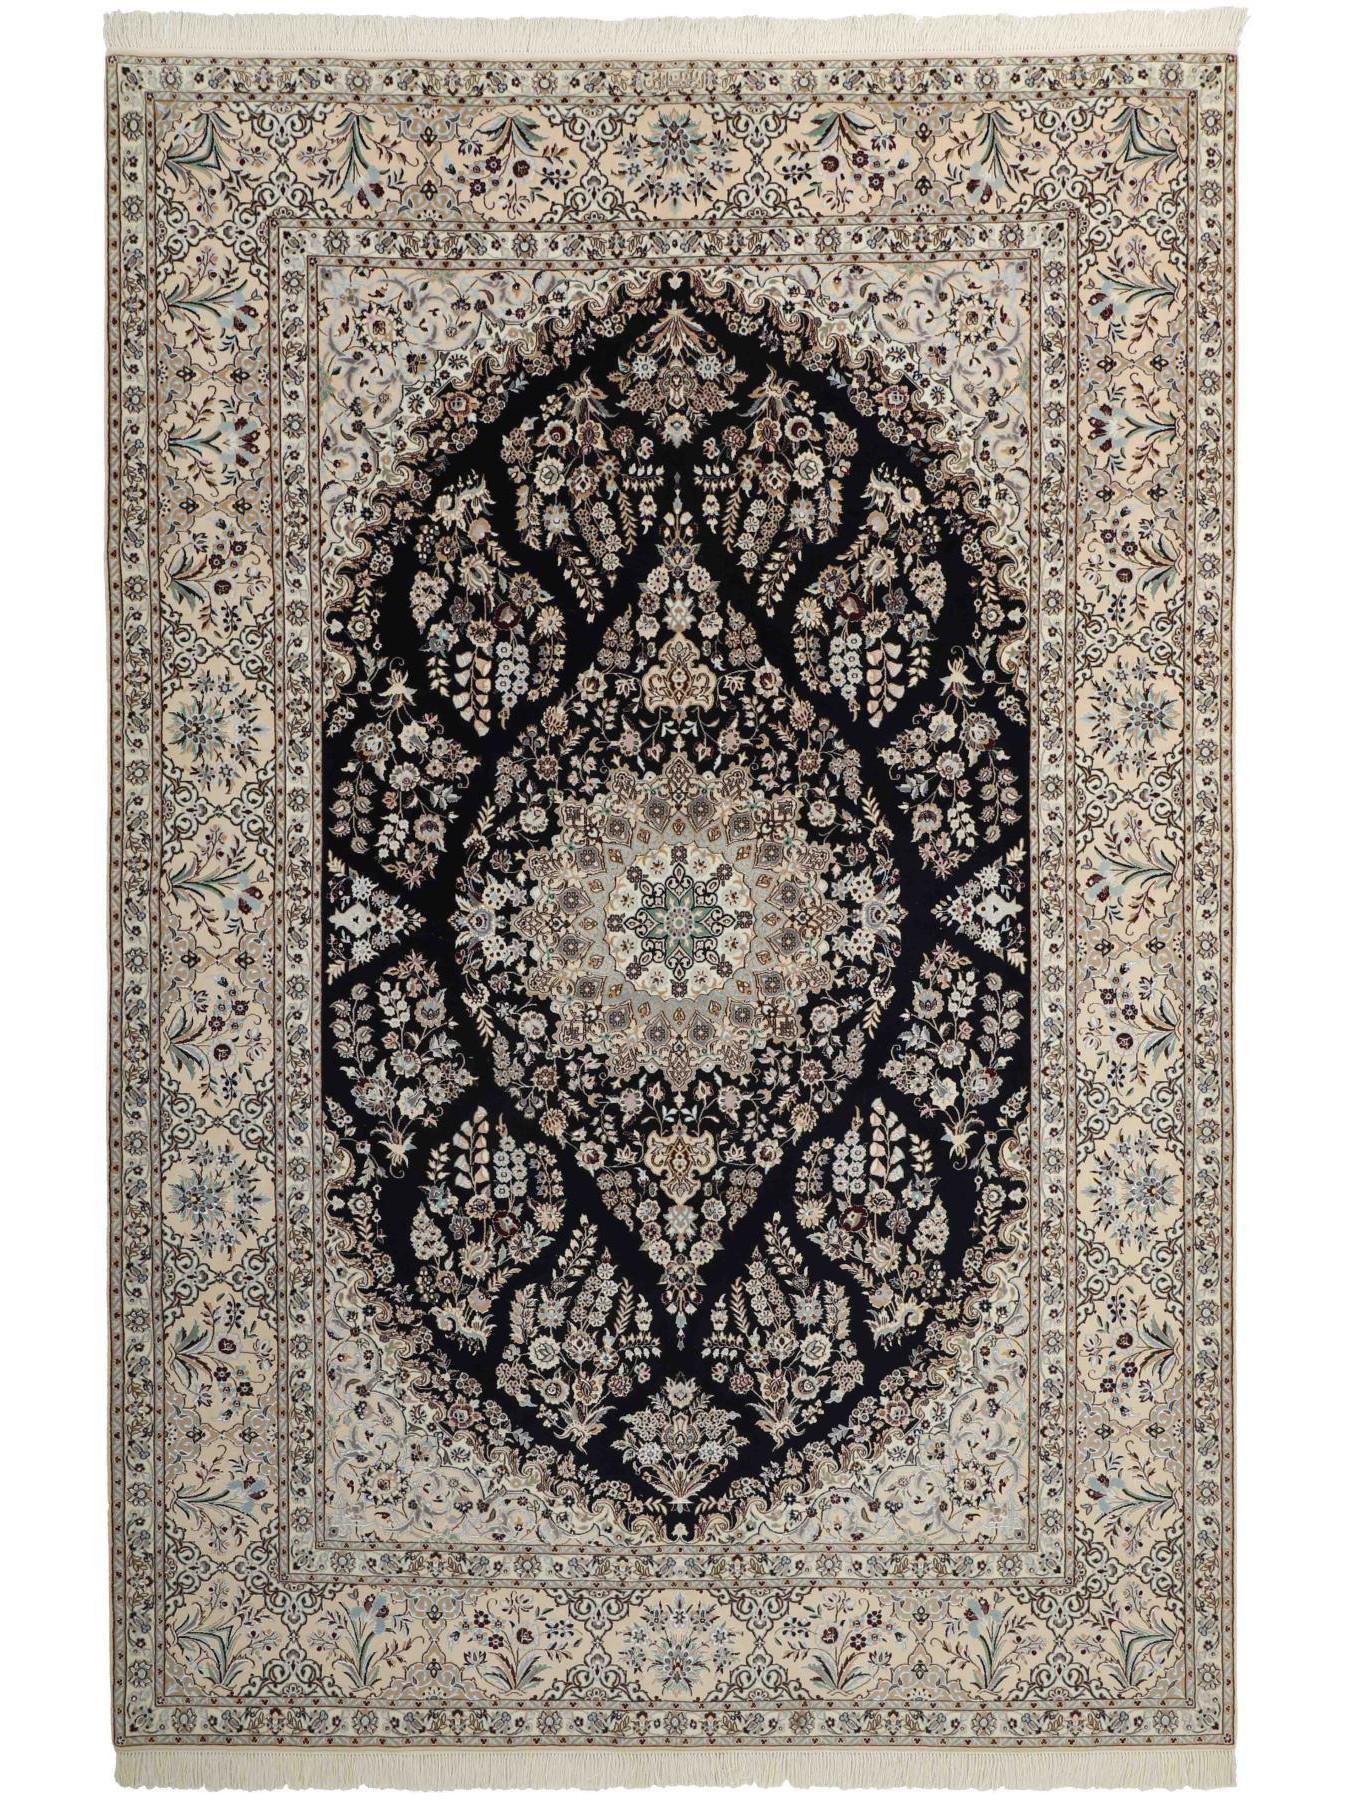 Prestigieuze tapijten - Nain 6la